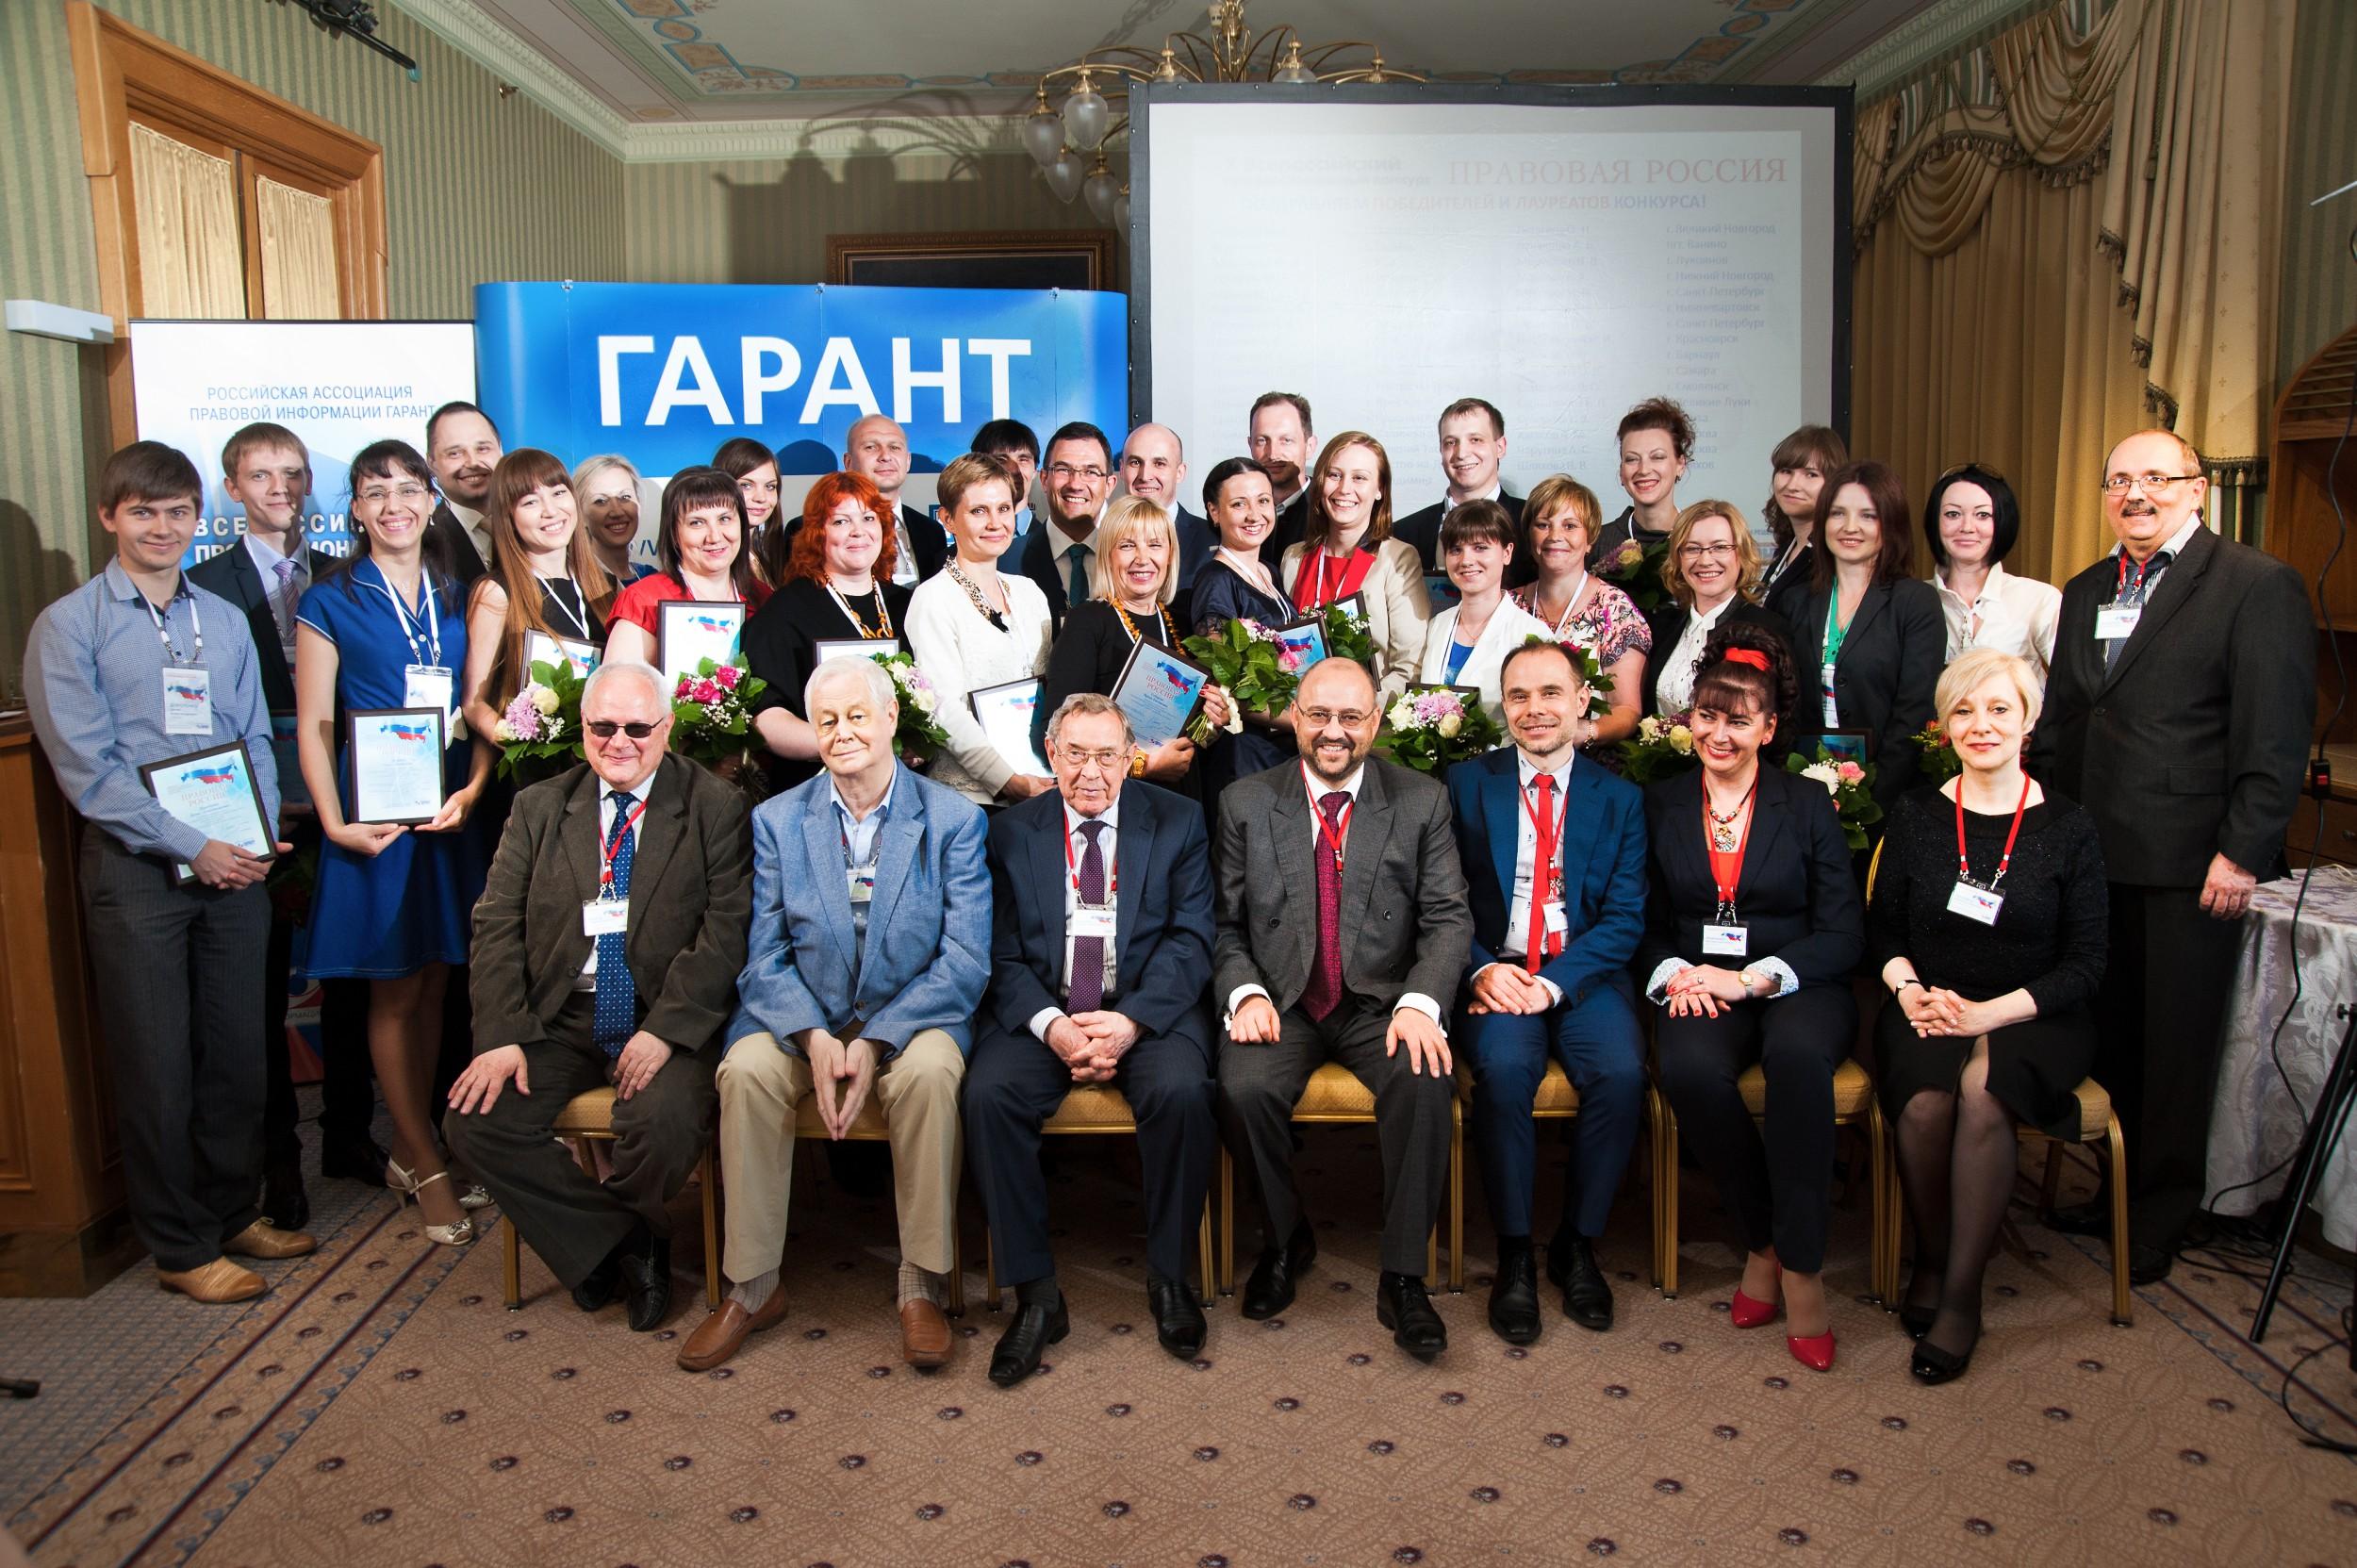 Всероссийский юридический конкурс